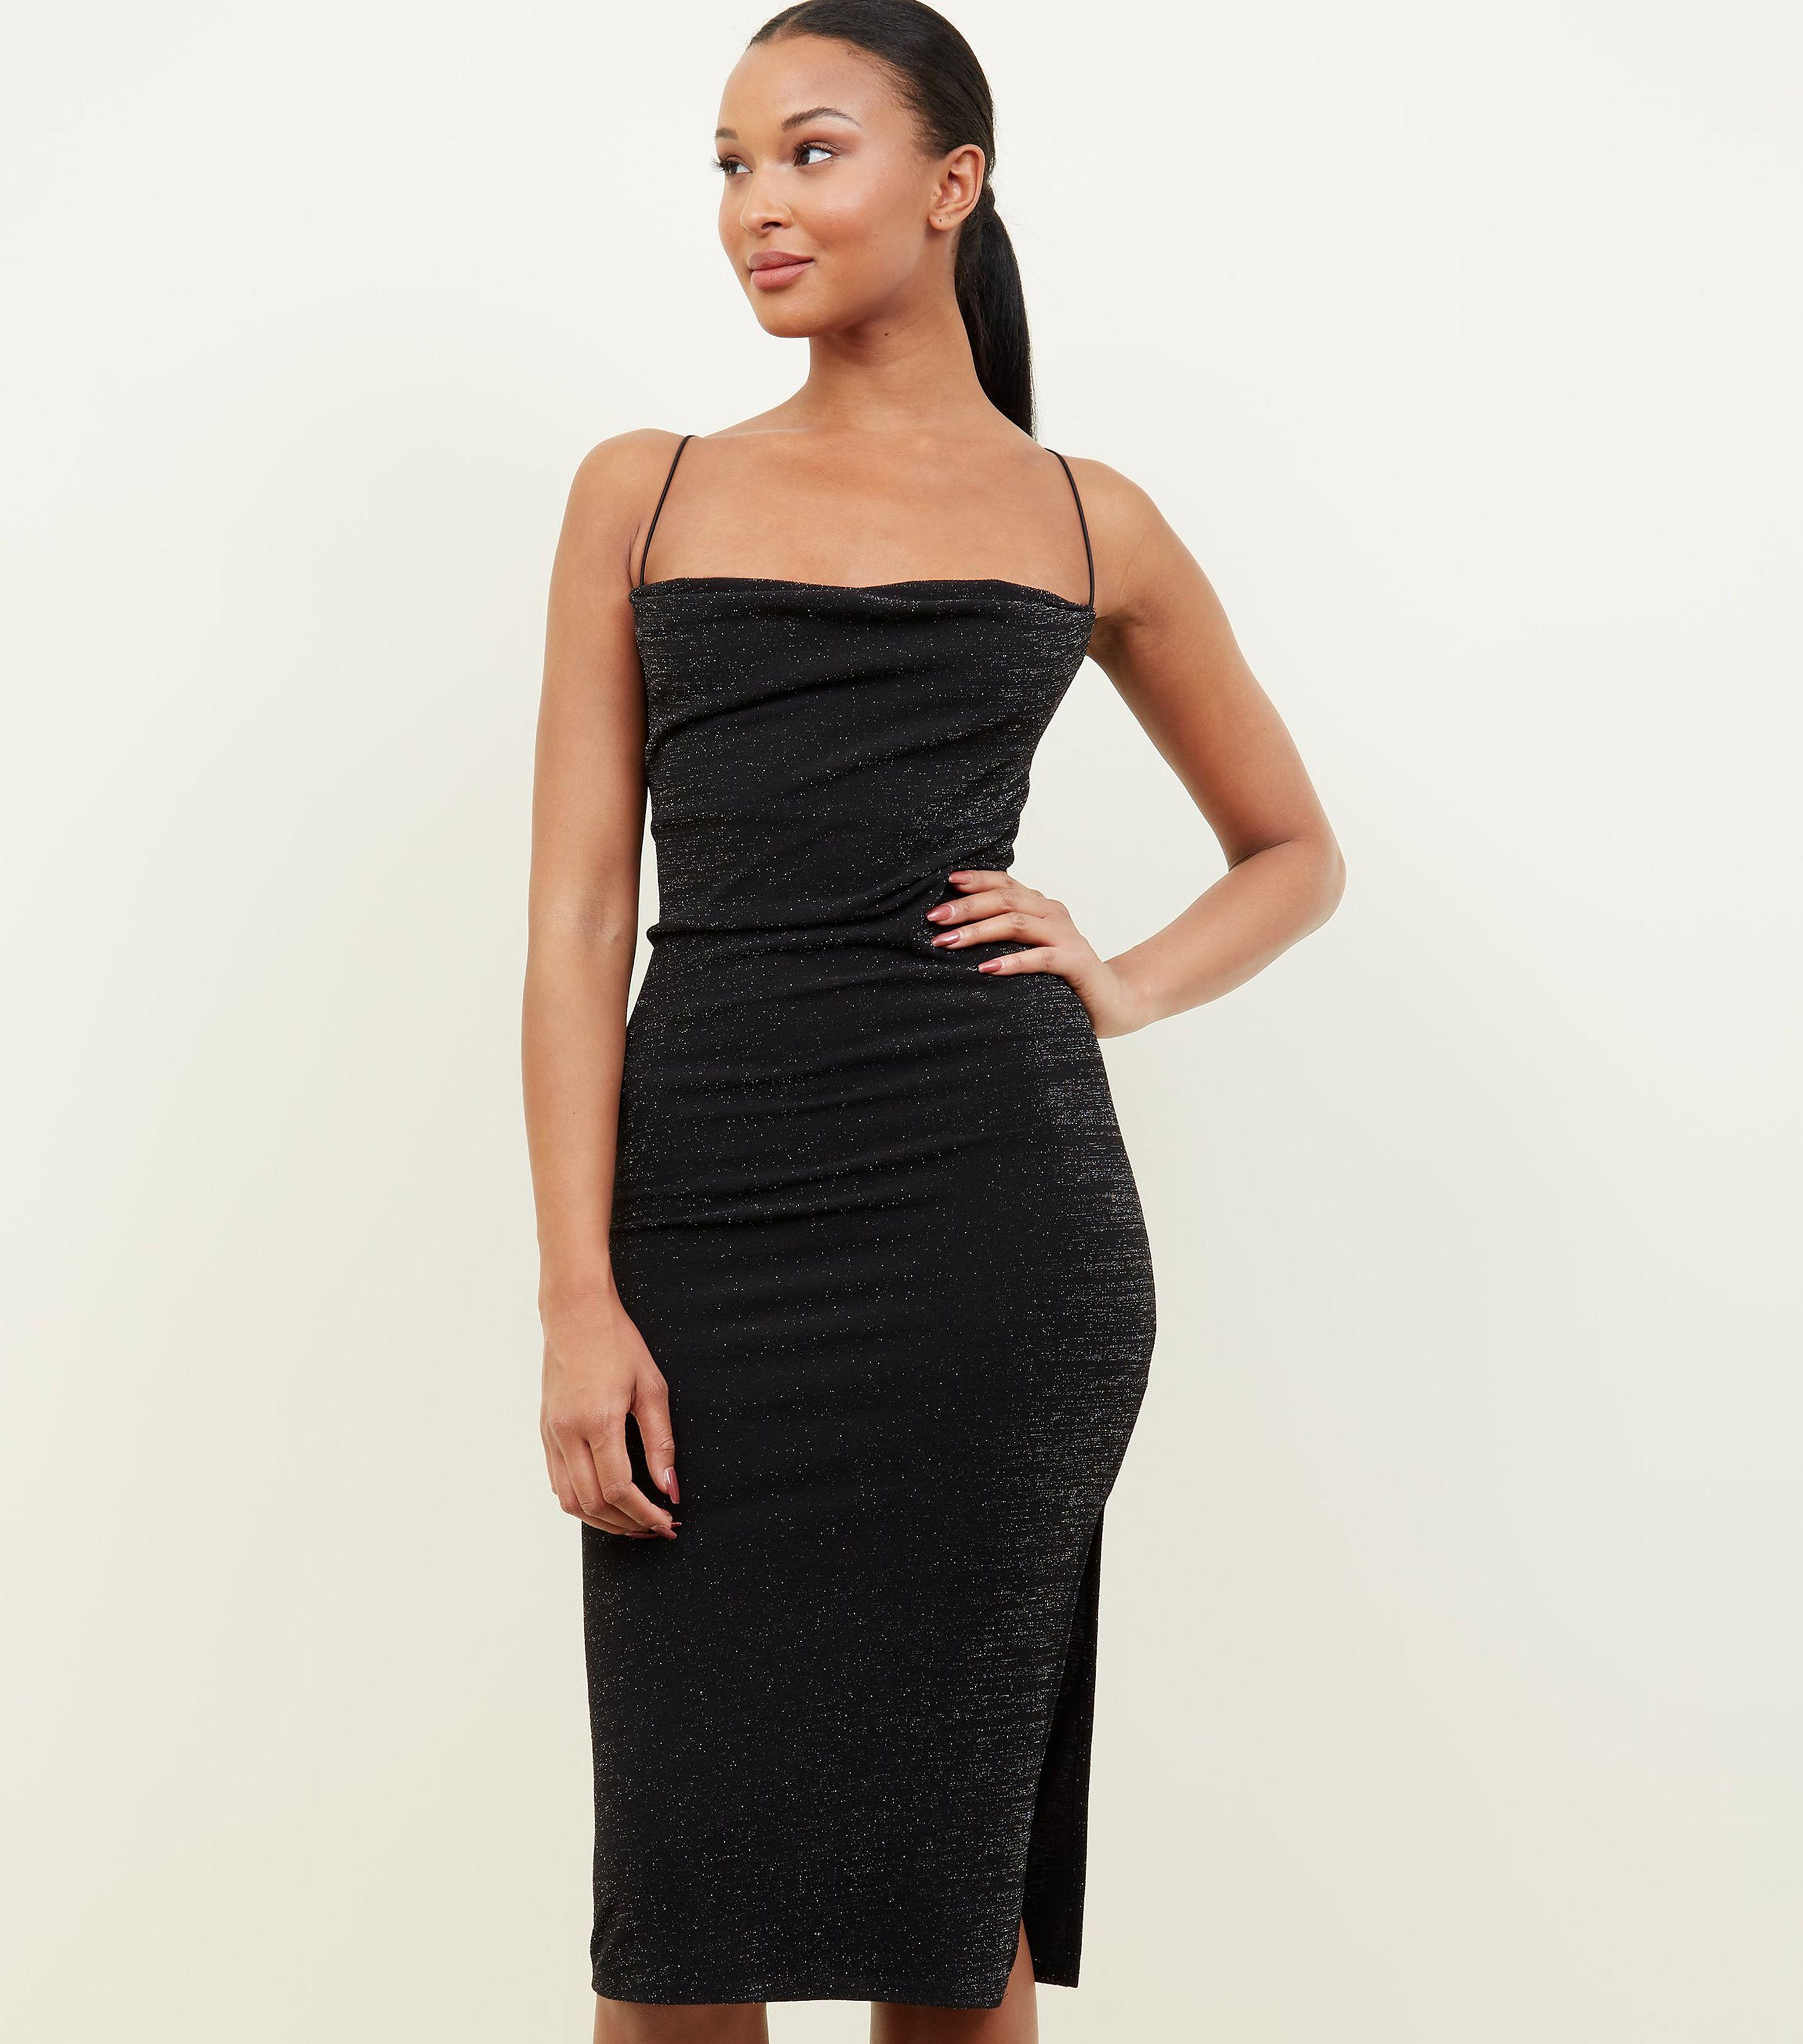 8fc0b8277aa New Look Black Glitter Cowl Neck Midi Dress in Black - Lyst